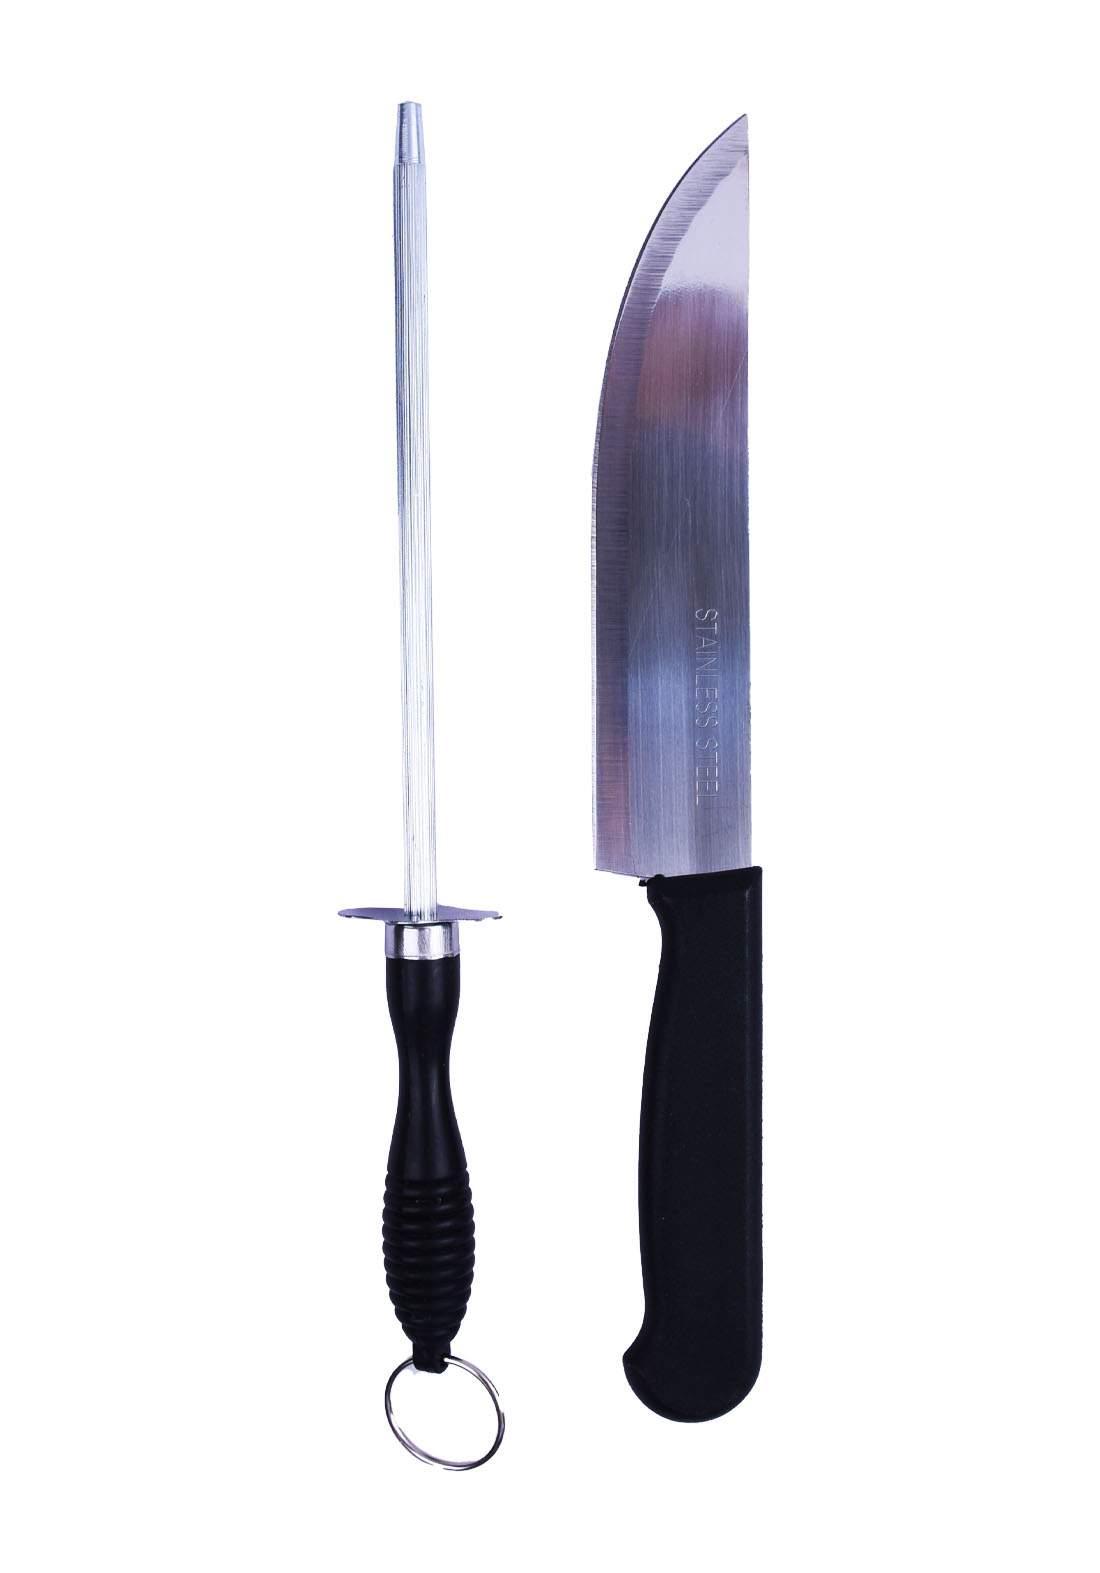 سيت سكين مع مبرد